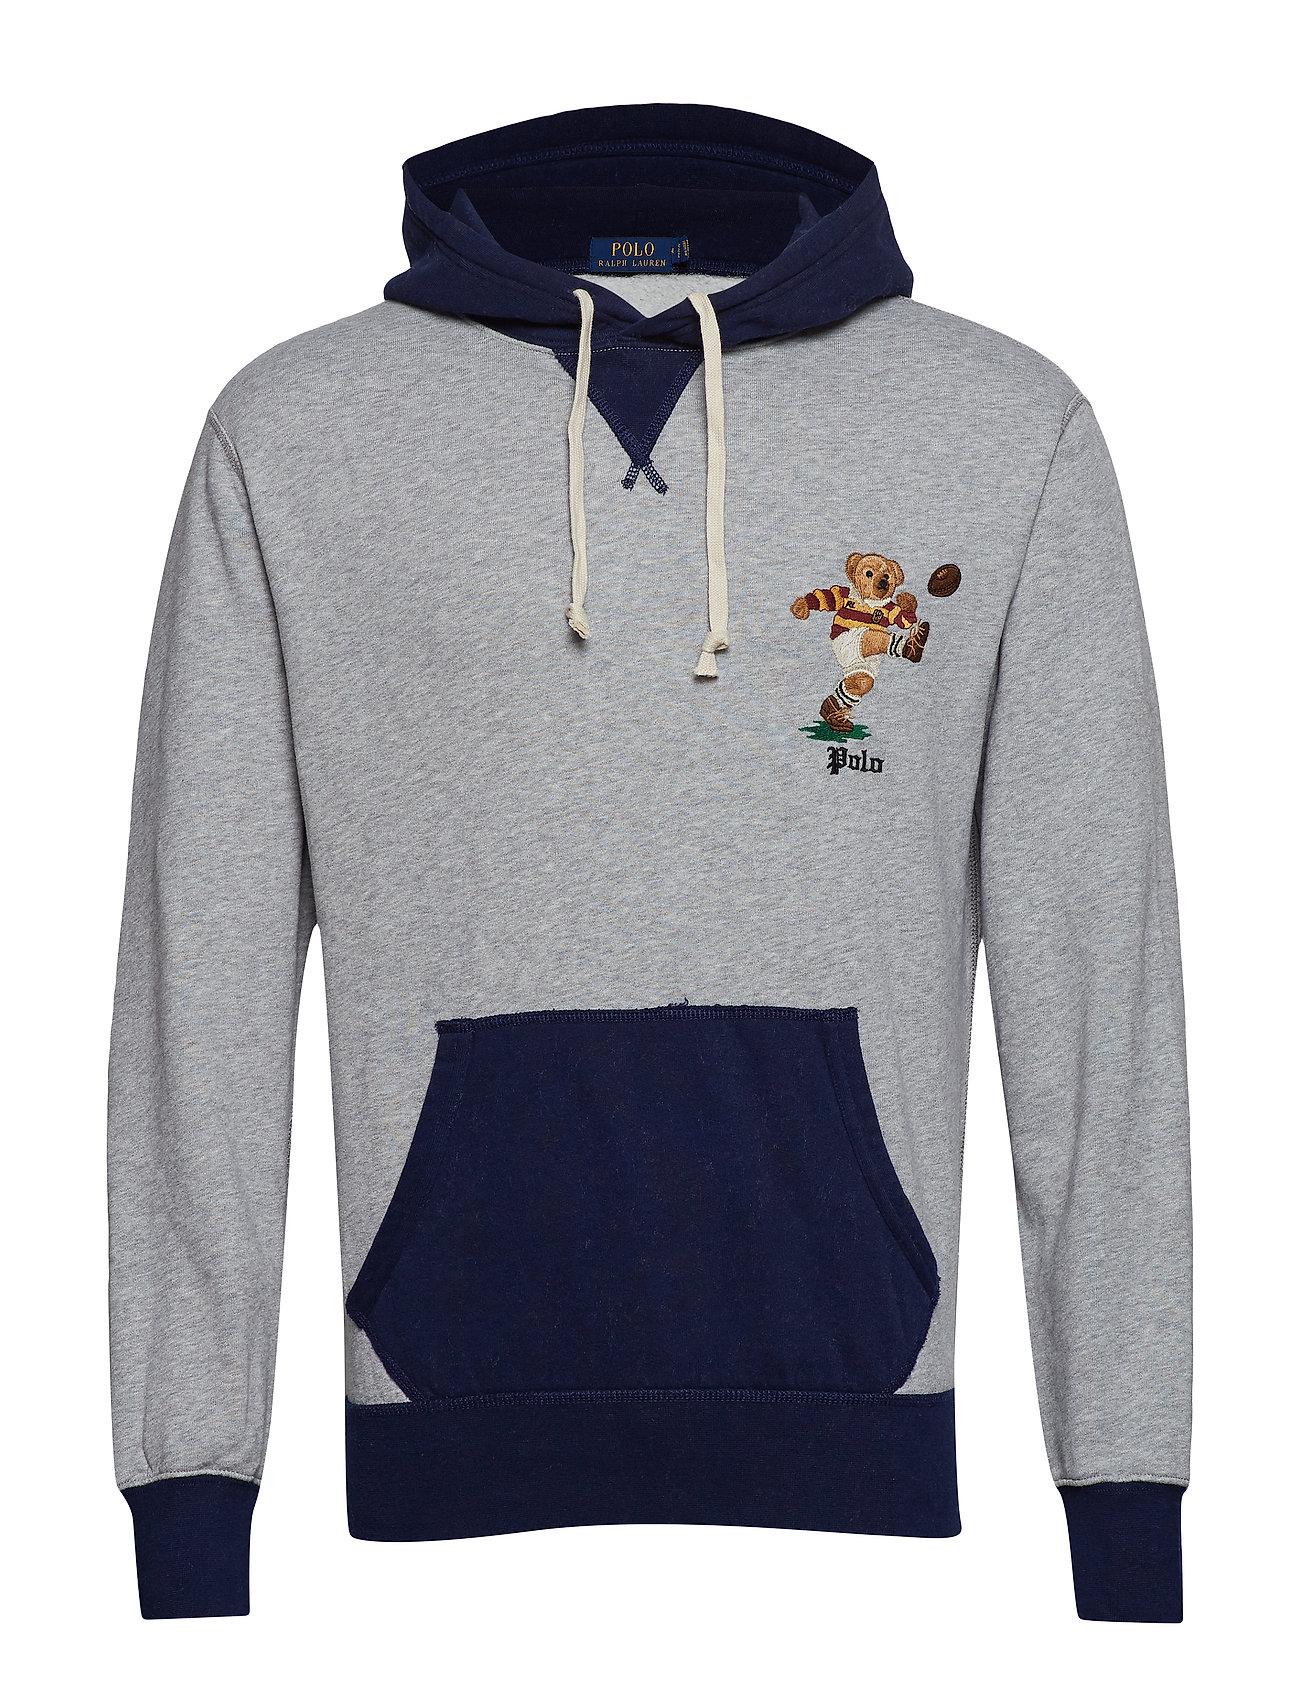 Polo Ralph Lauren Rugby Bear Fleece Hoodie - ANDOVER HEATHER